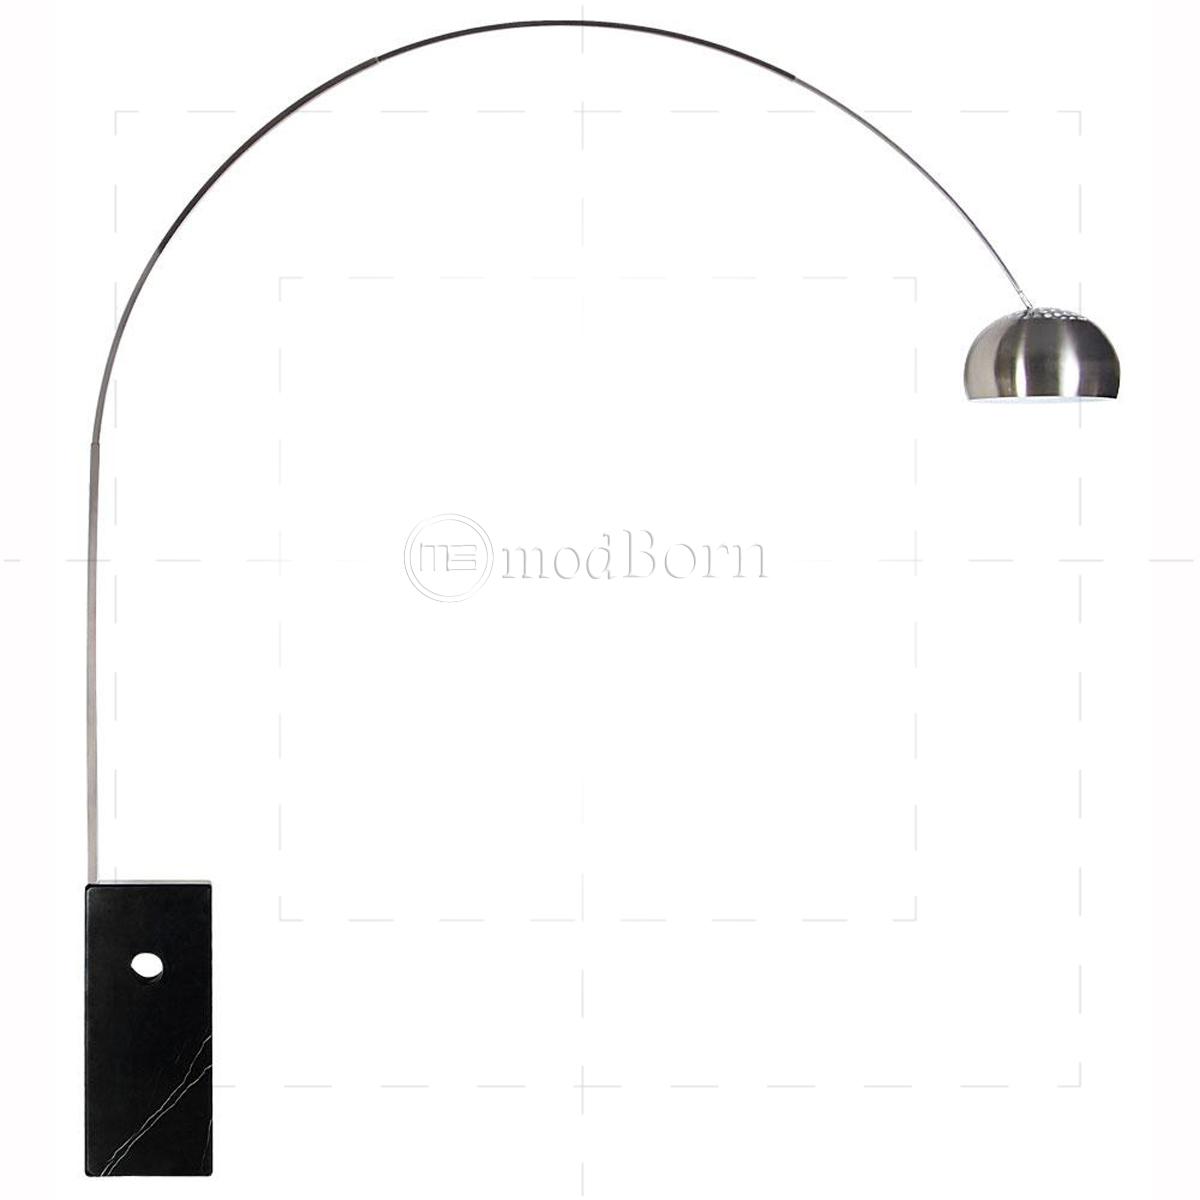 achille castiglioni style arco lamp black replica. Black Bedroom Furniture Sets. Home Design Ideas